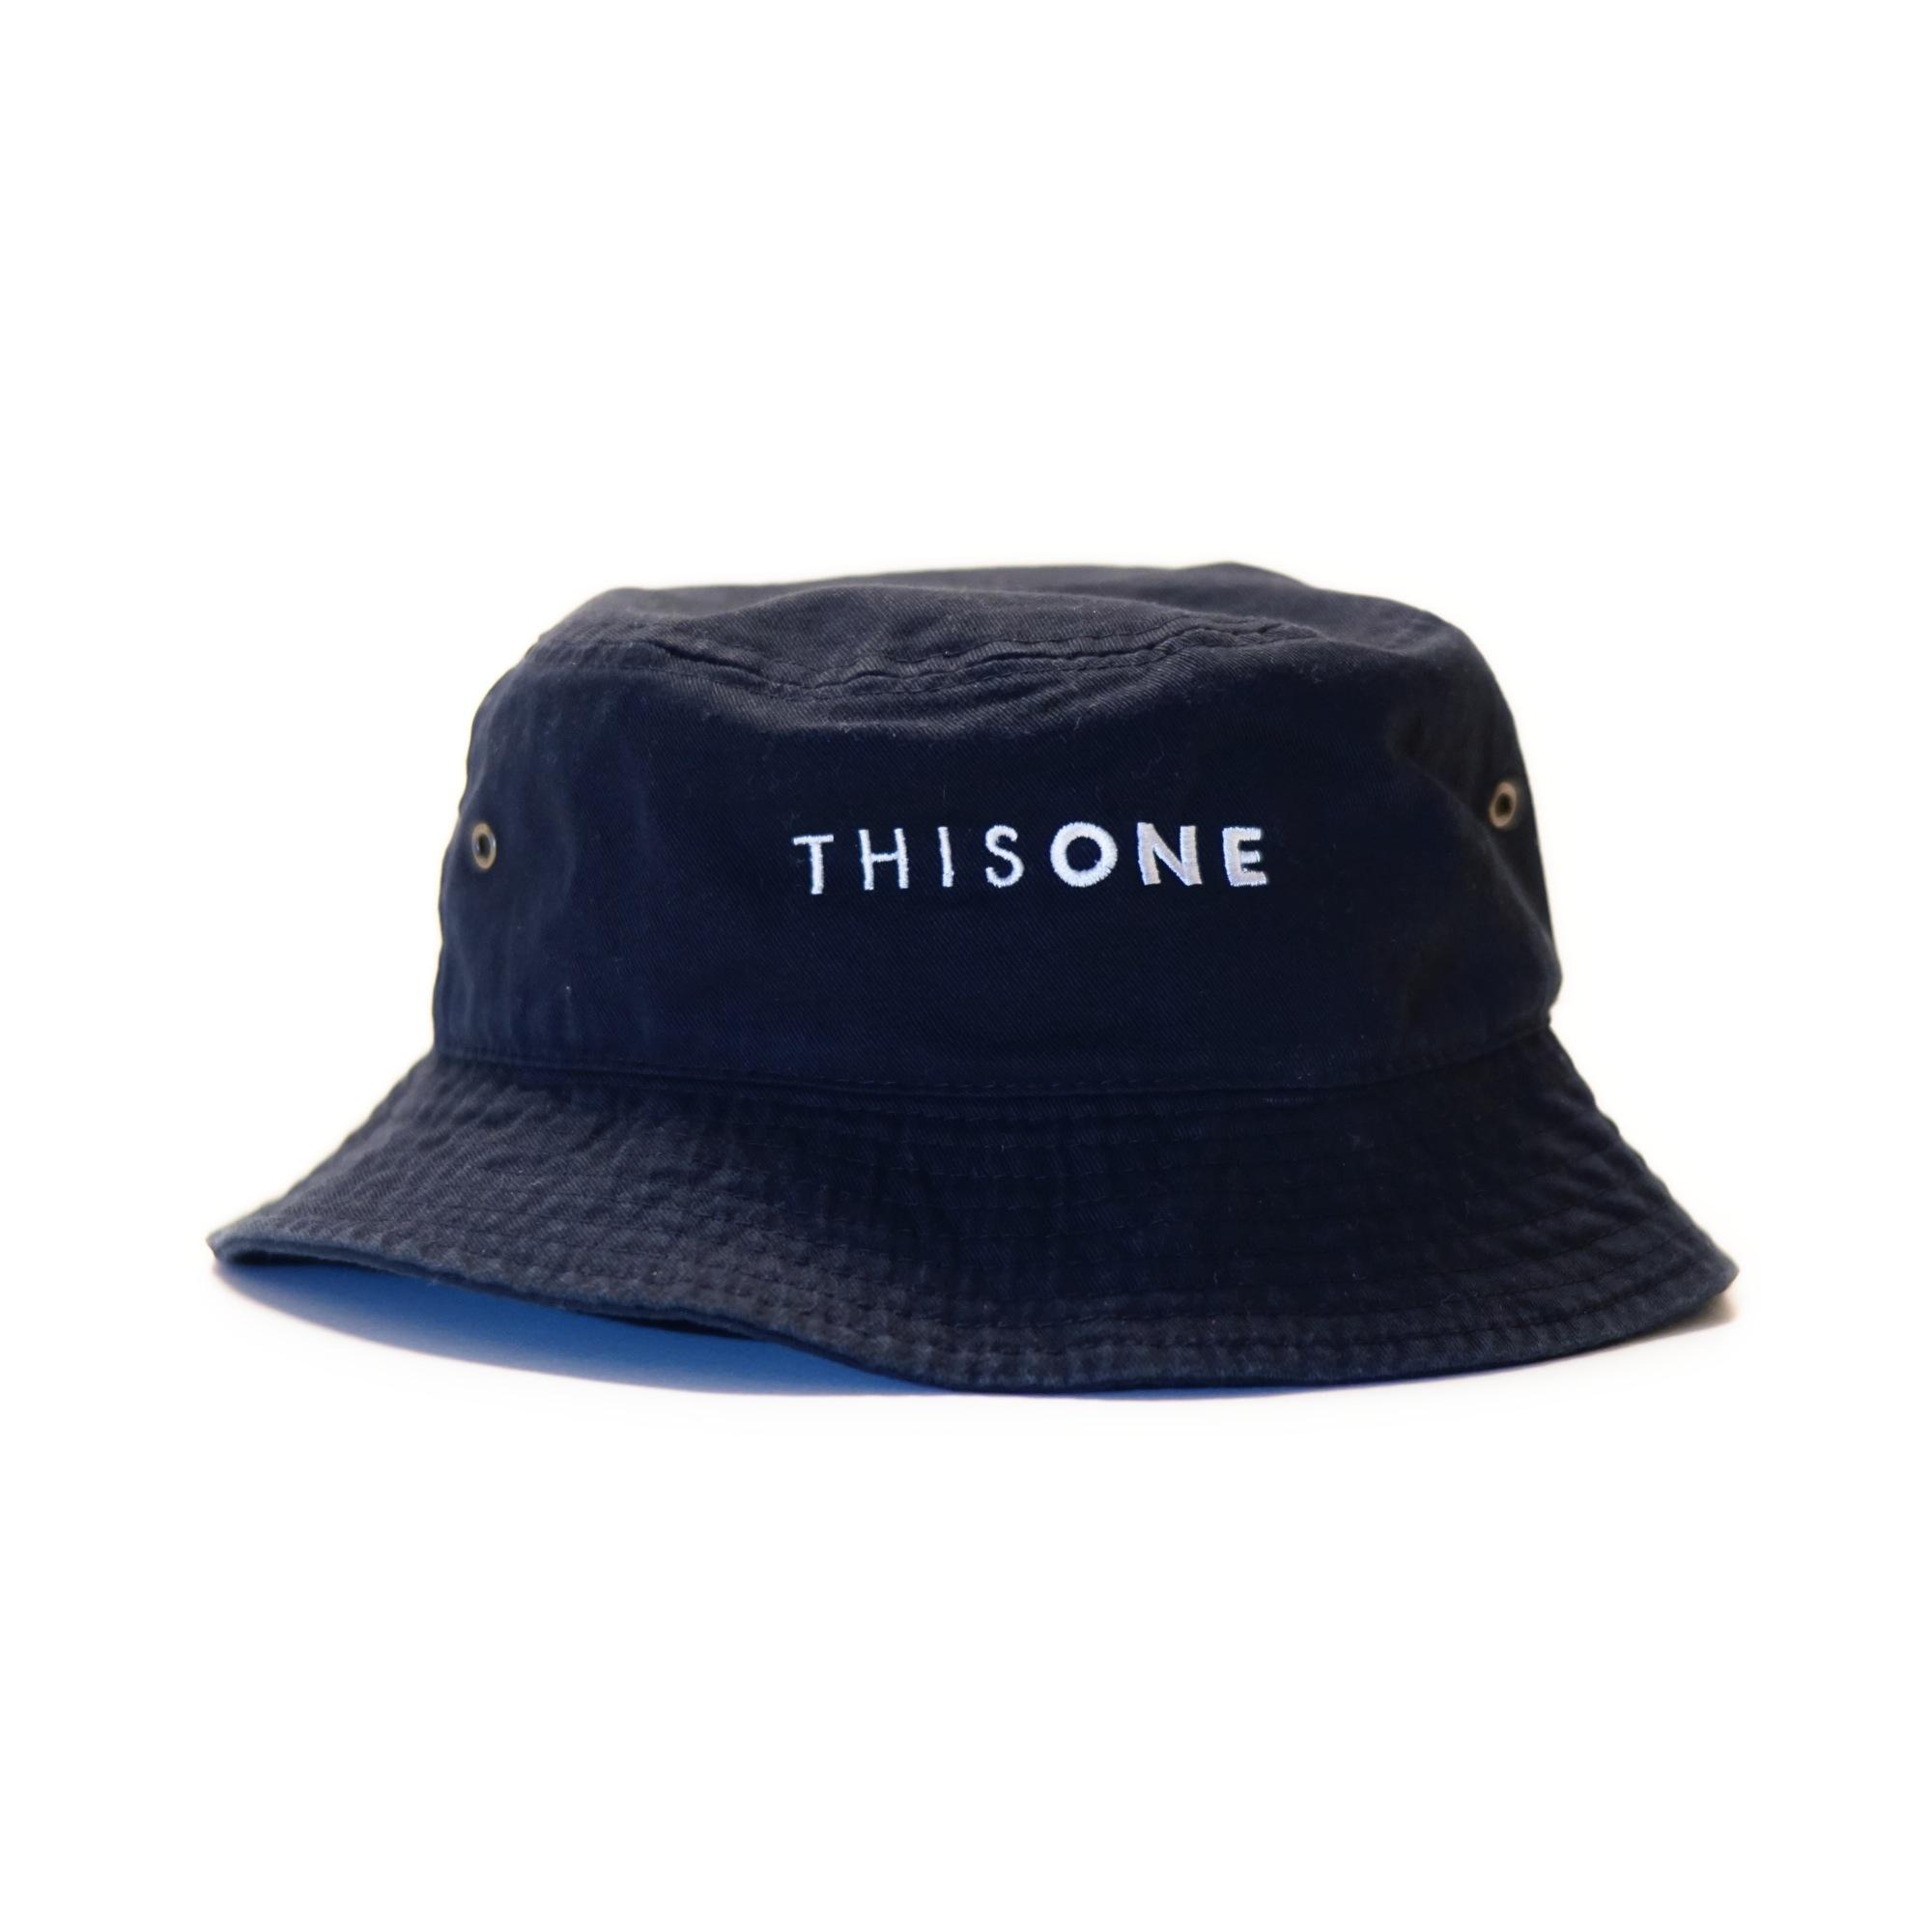 THISONE BUCKET HAT (BLACK)